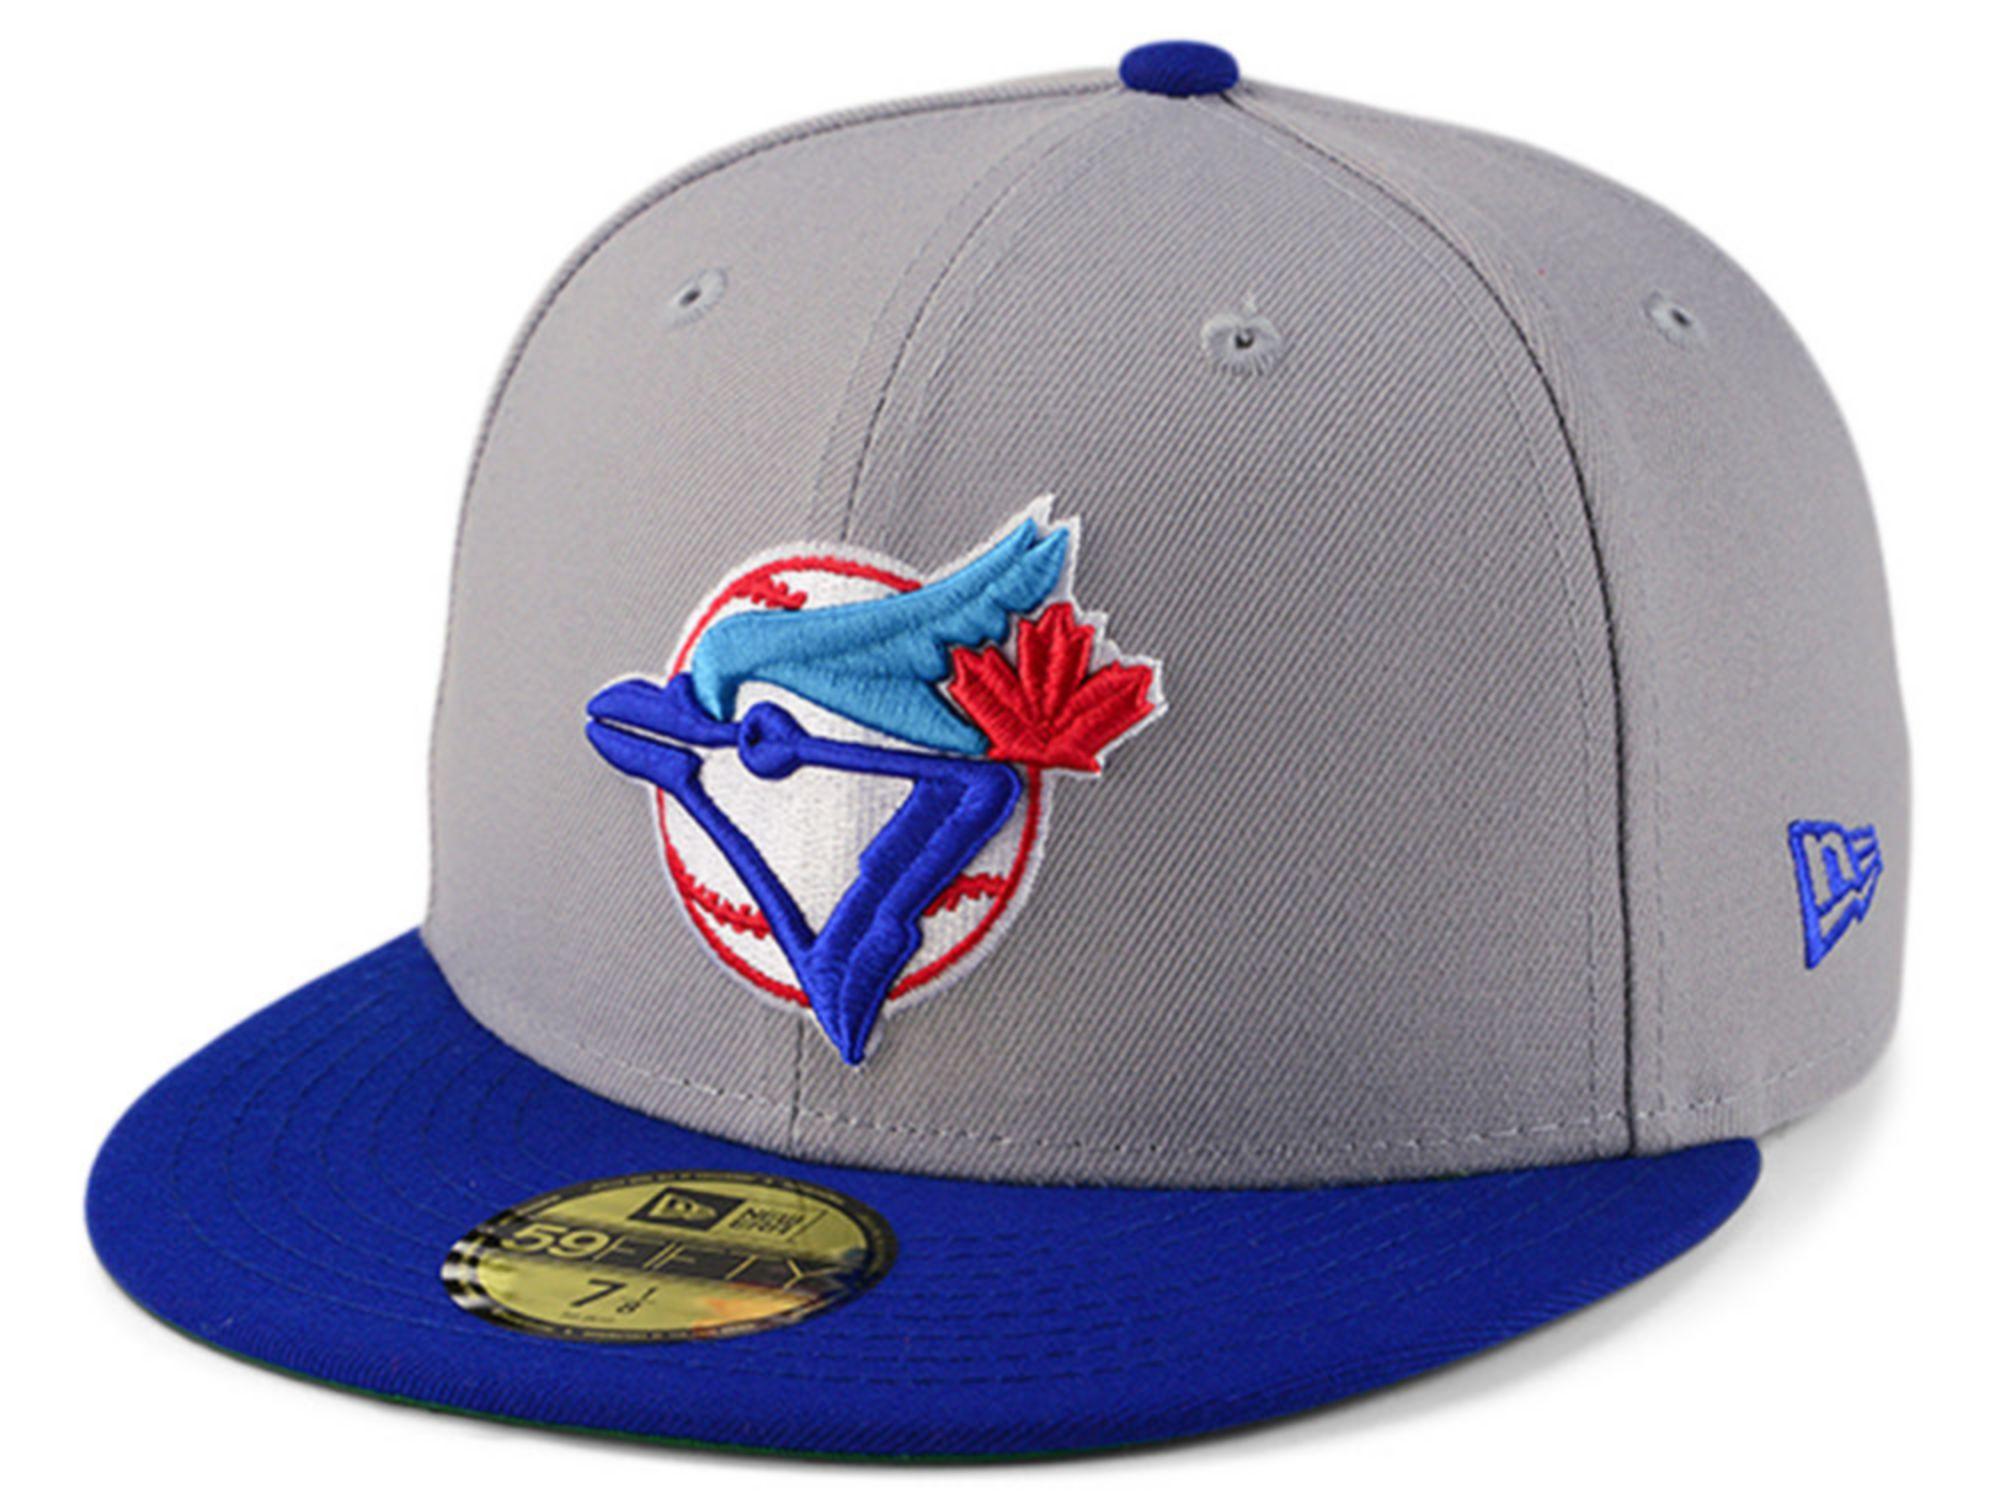 New Era Toronto Blue Jays Gray Anniversary 59FIFTY Cap & Reviews - MLB - Sports Fan Shop - Macy's